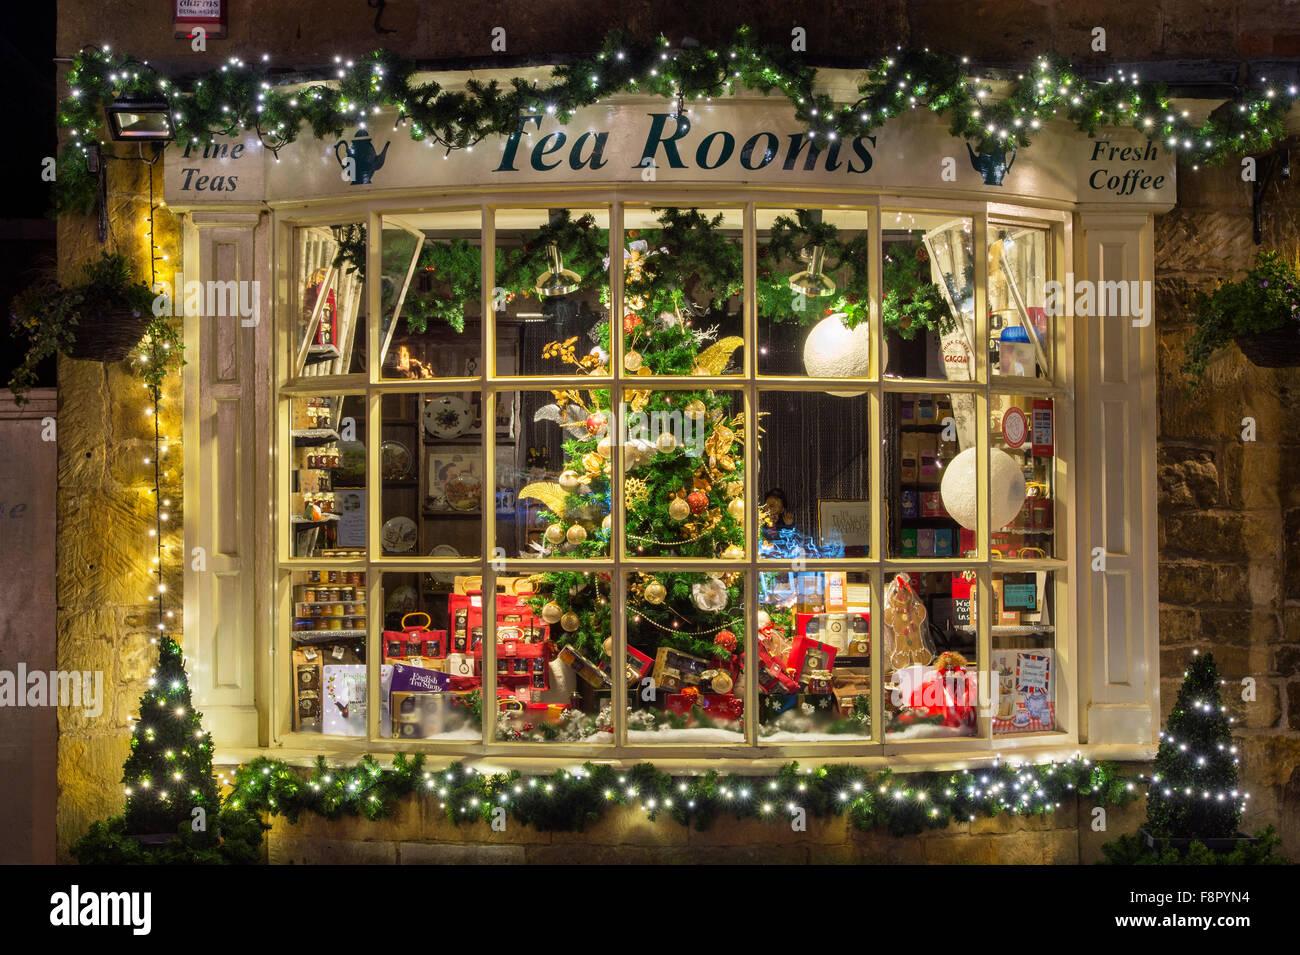 Broadway Tea Rooms